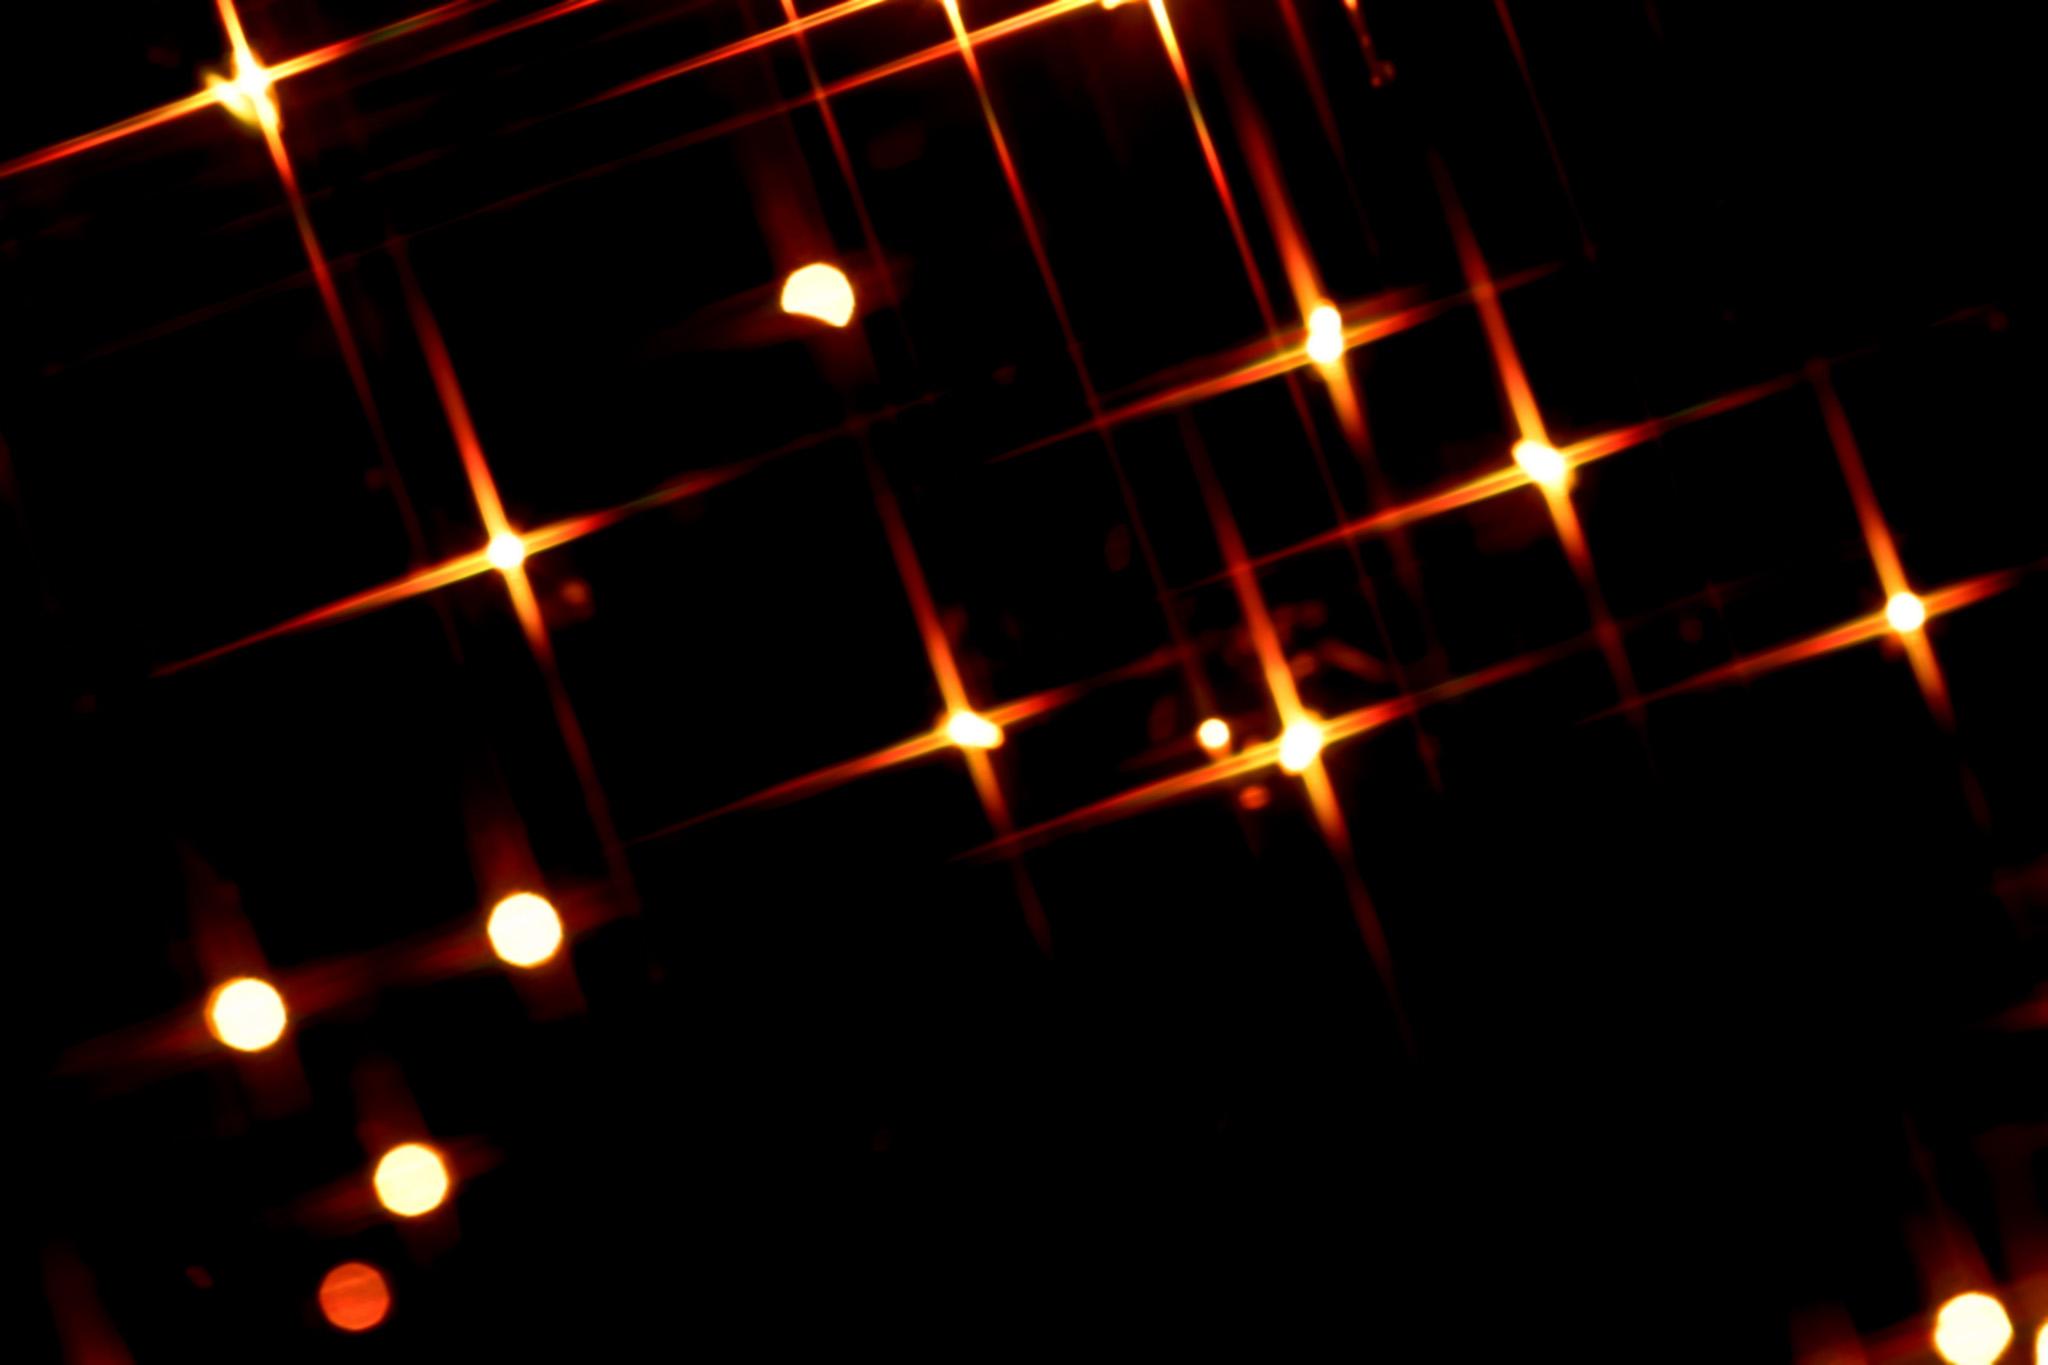 光のイルミネーション